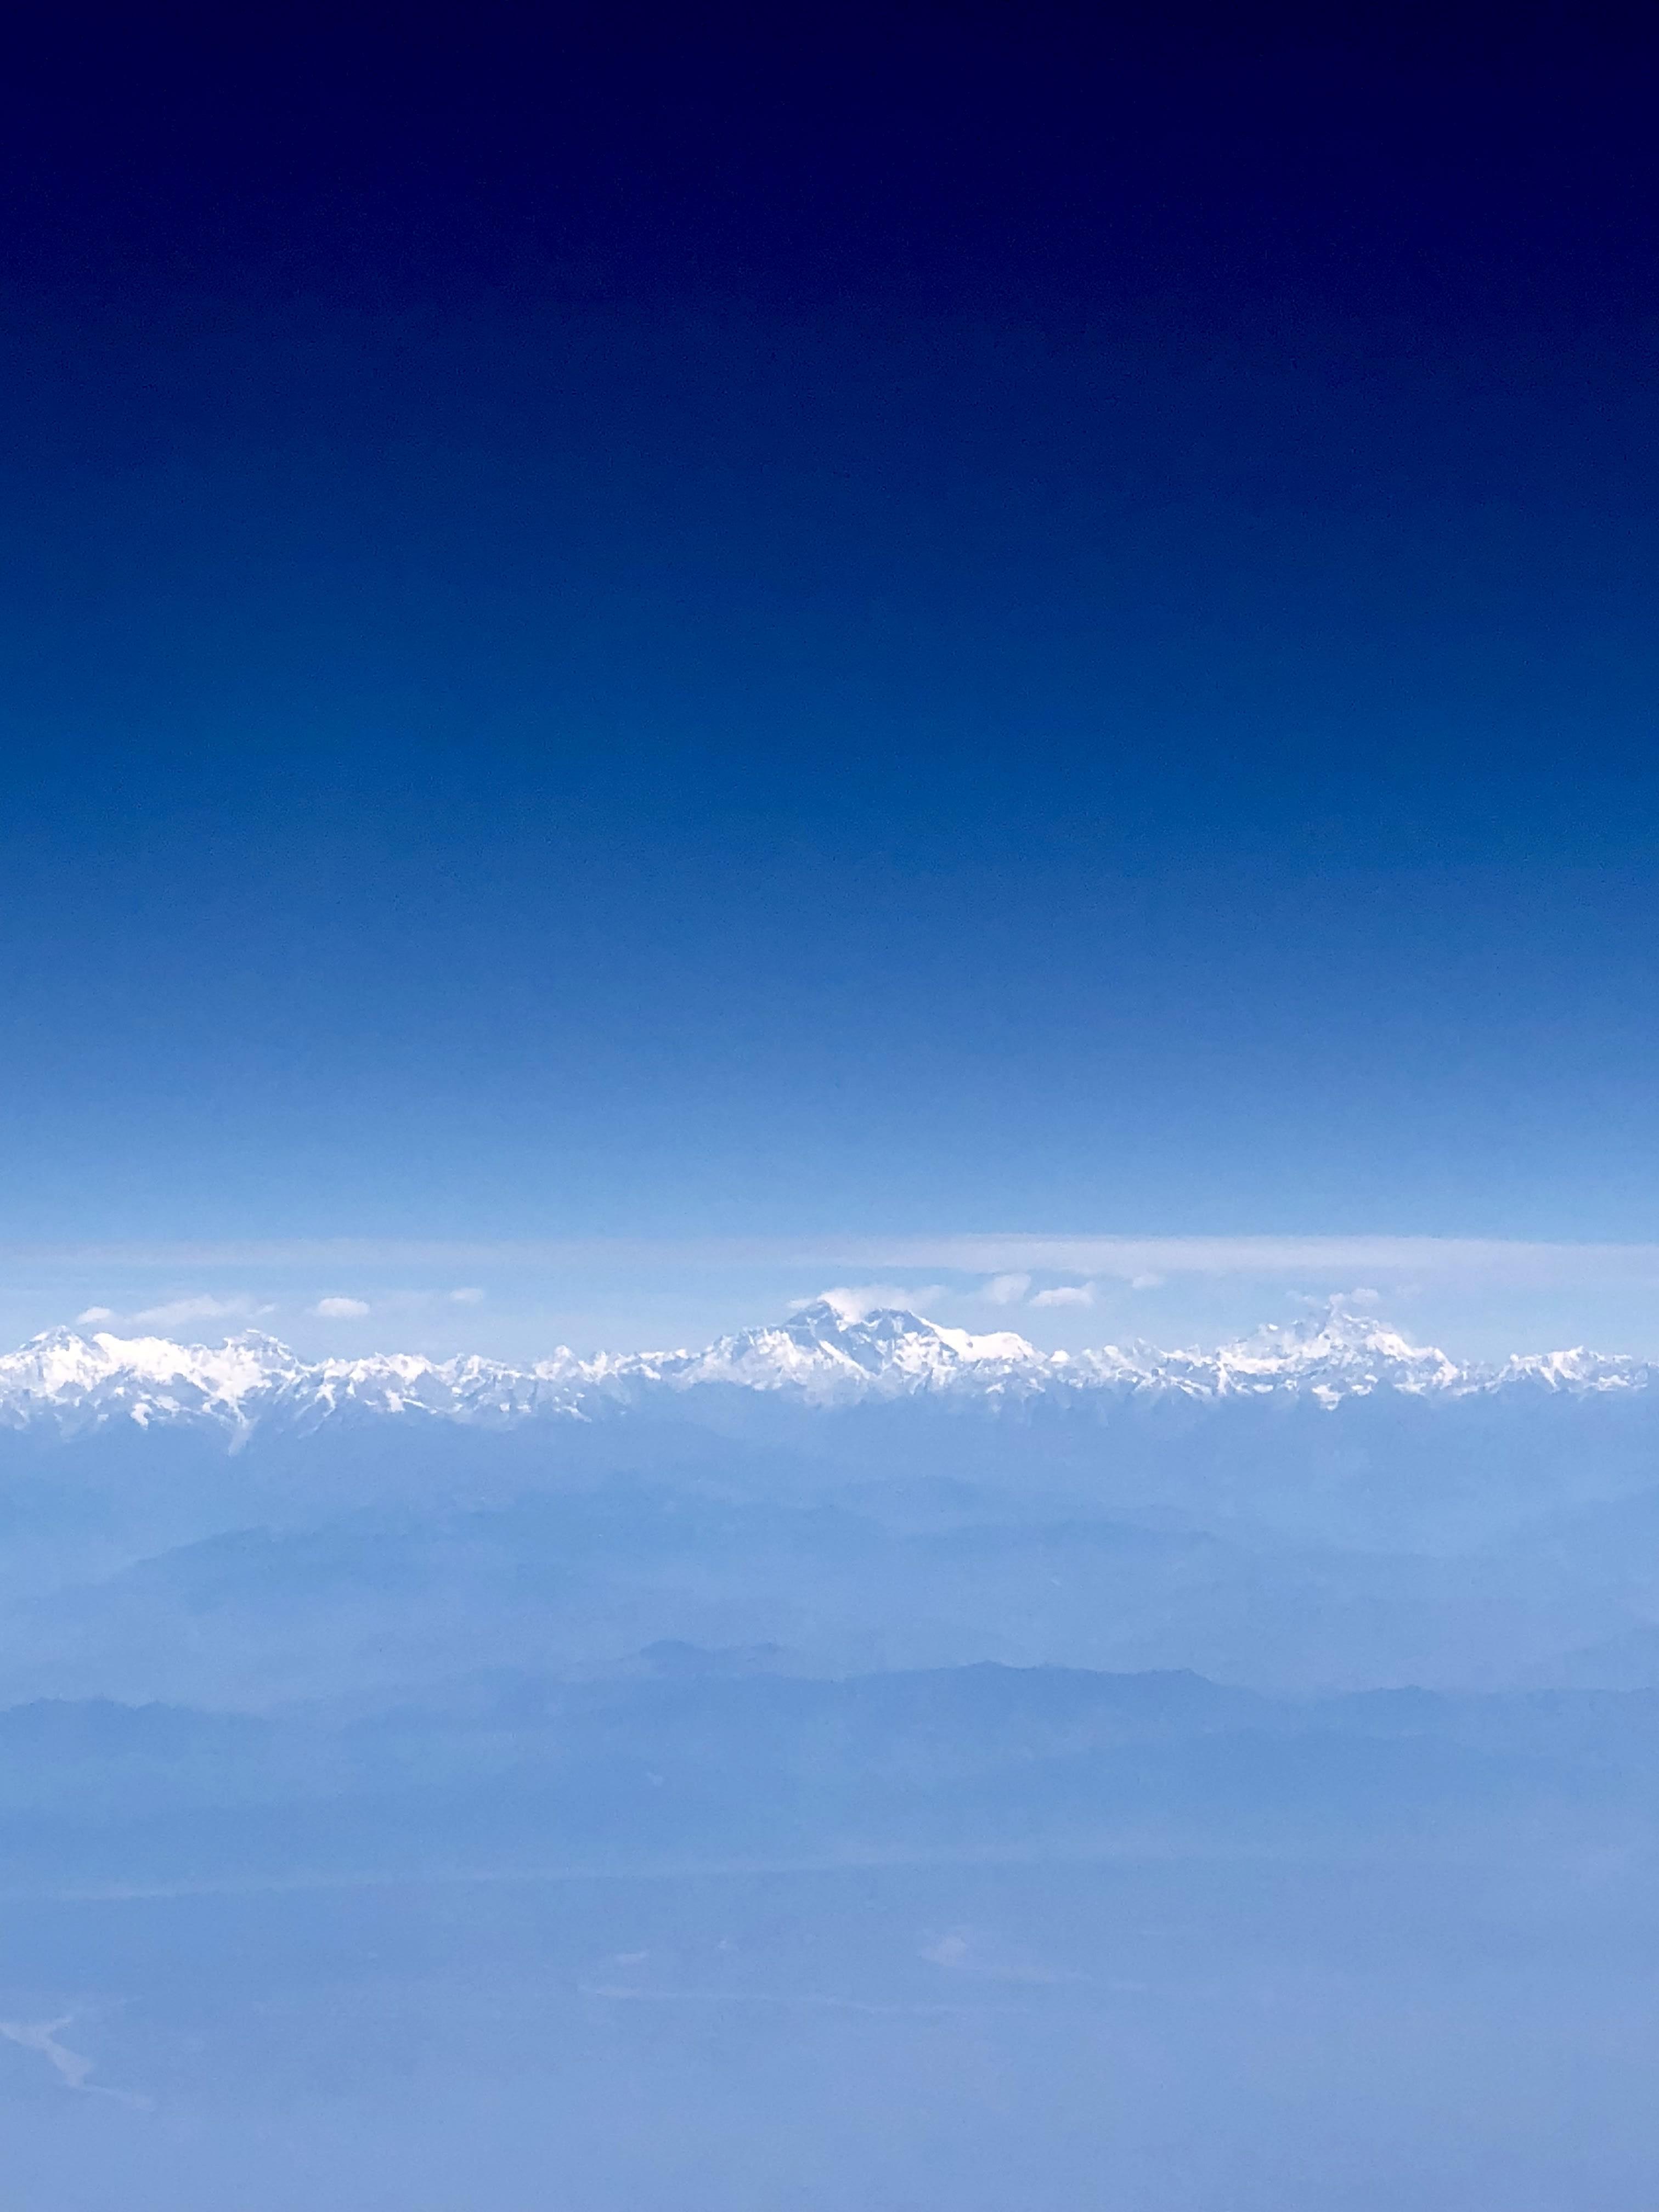 du lịch nepal: dạo quanh thamel